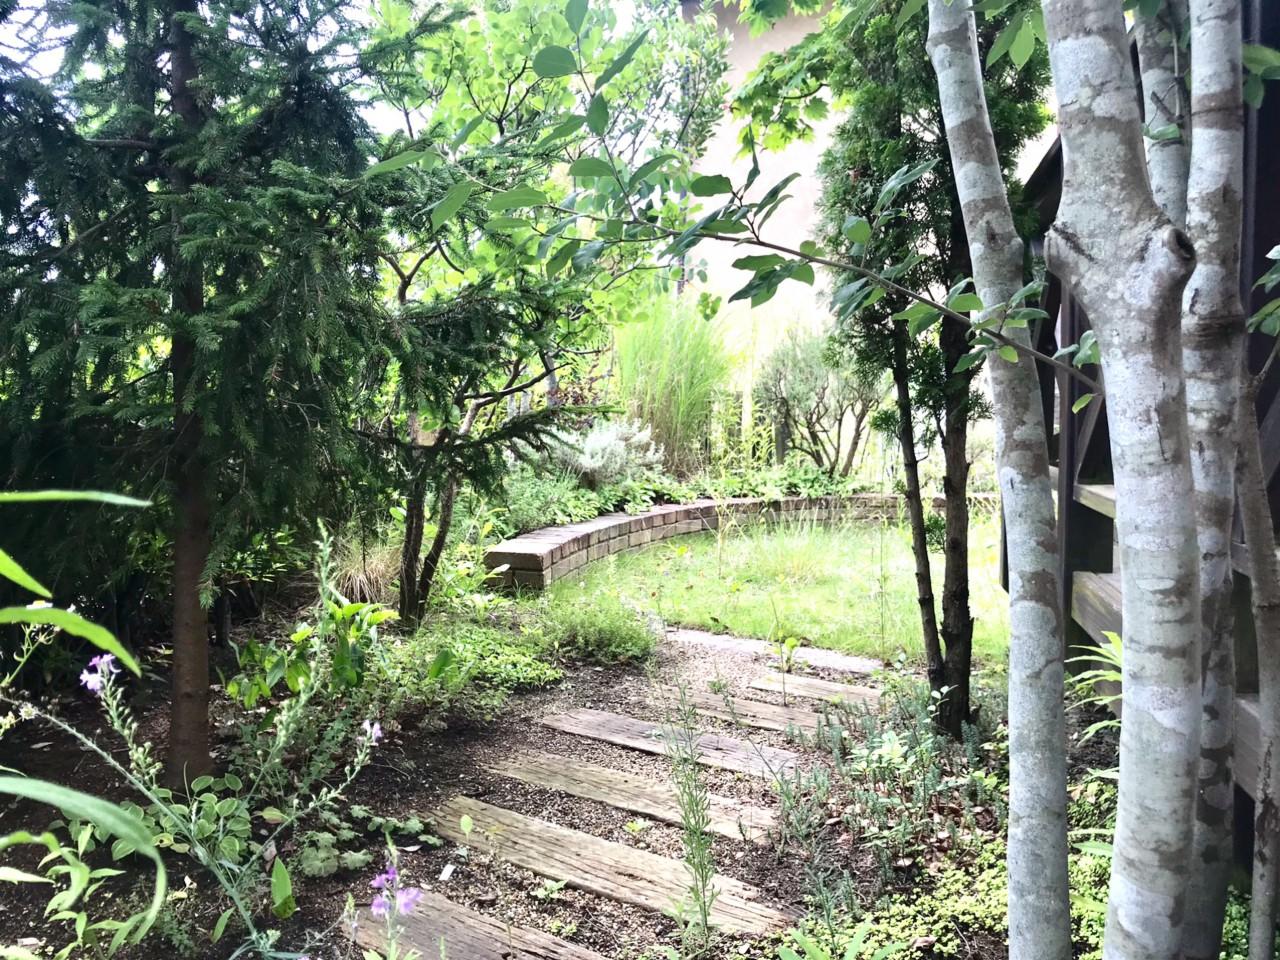 シンボルツリーはミモザ。木漏れ日のさす理想の住まい。